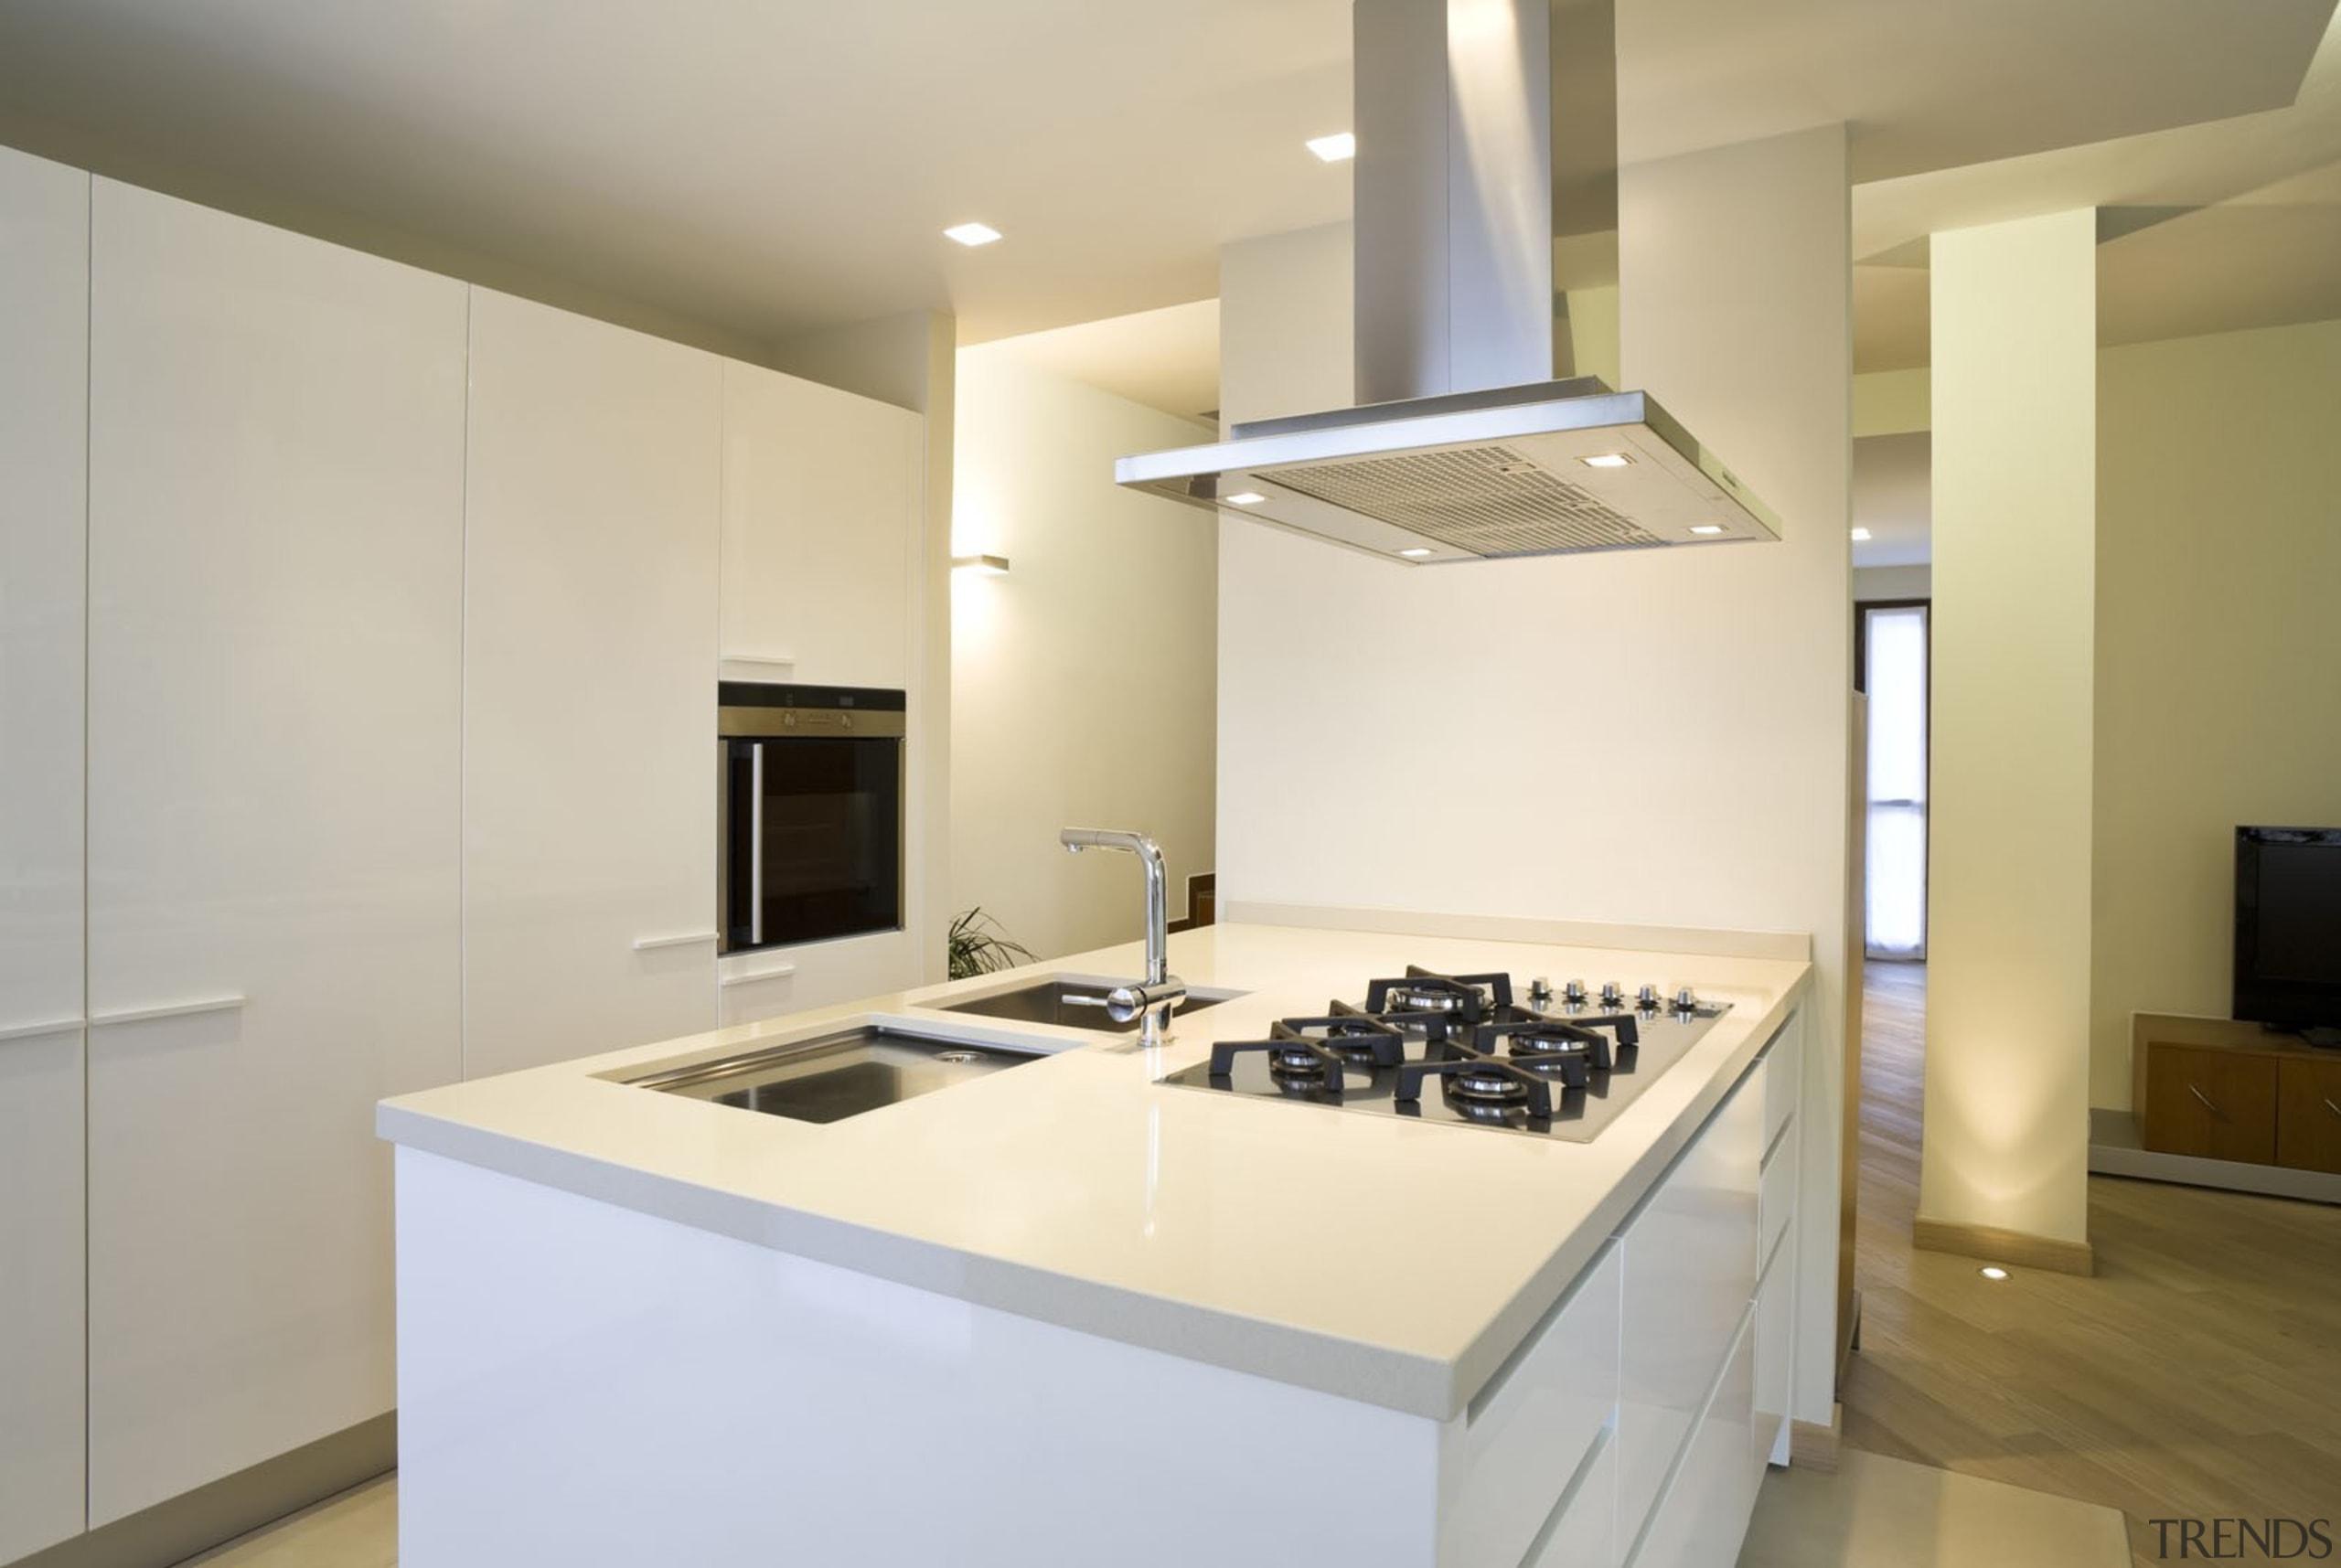 Silestone - Snowy Ibiza - Silestone - Snowy countertop, interior design, kitchen, real estate, room, gray